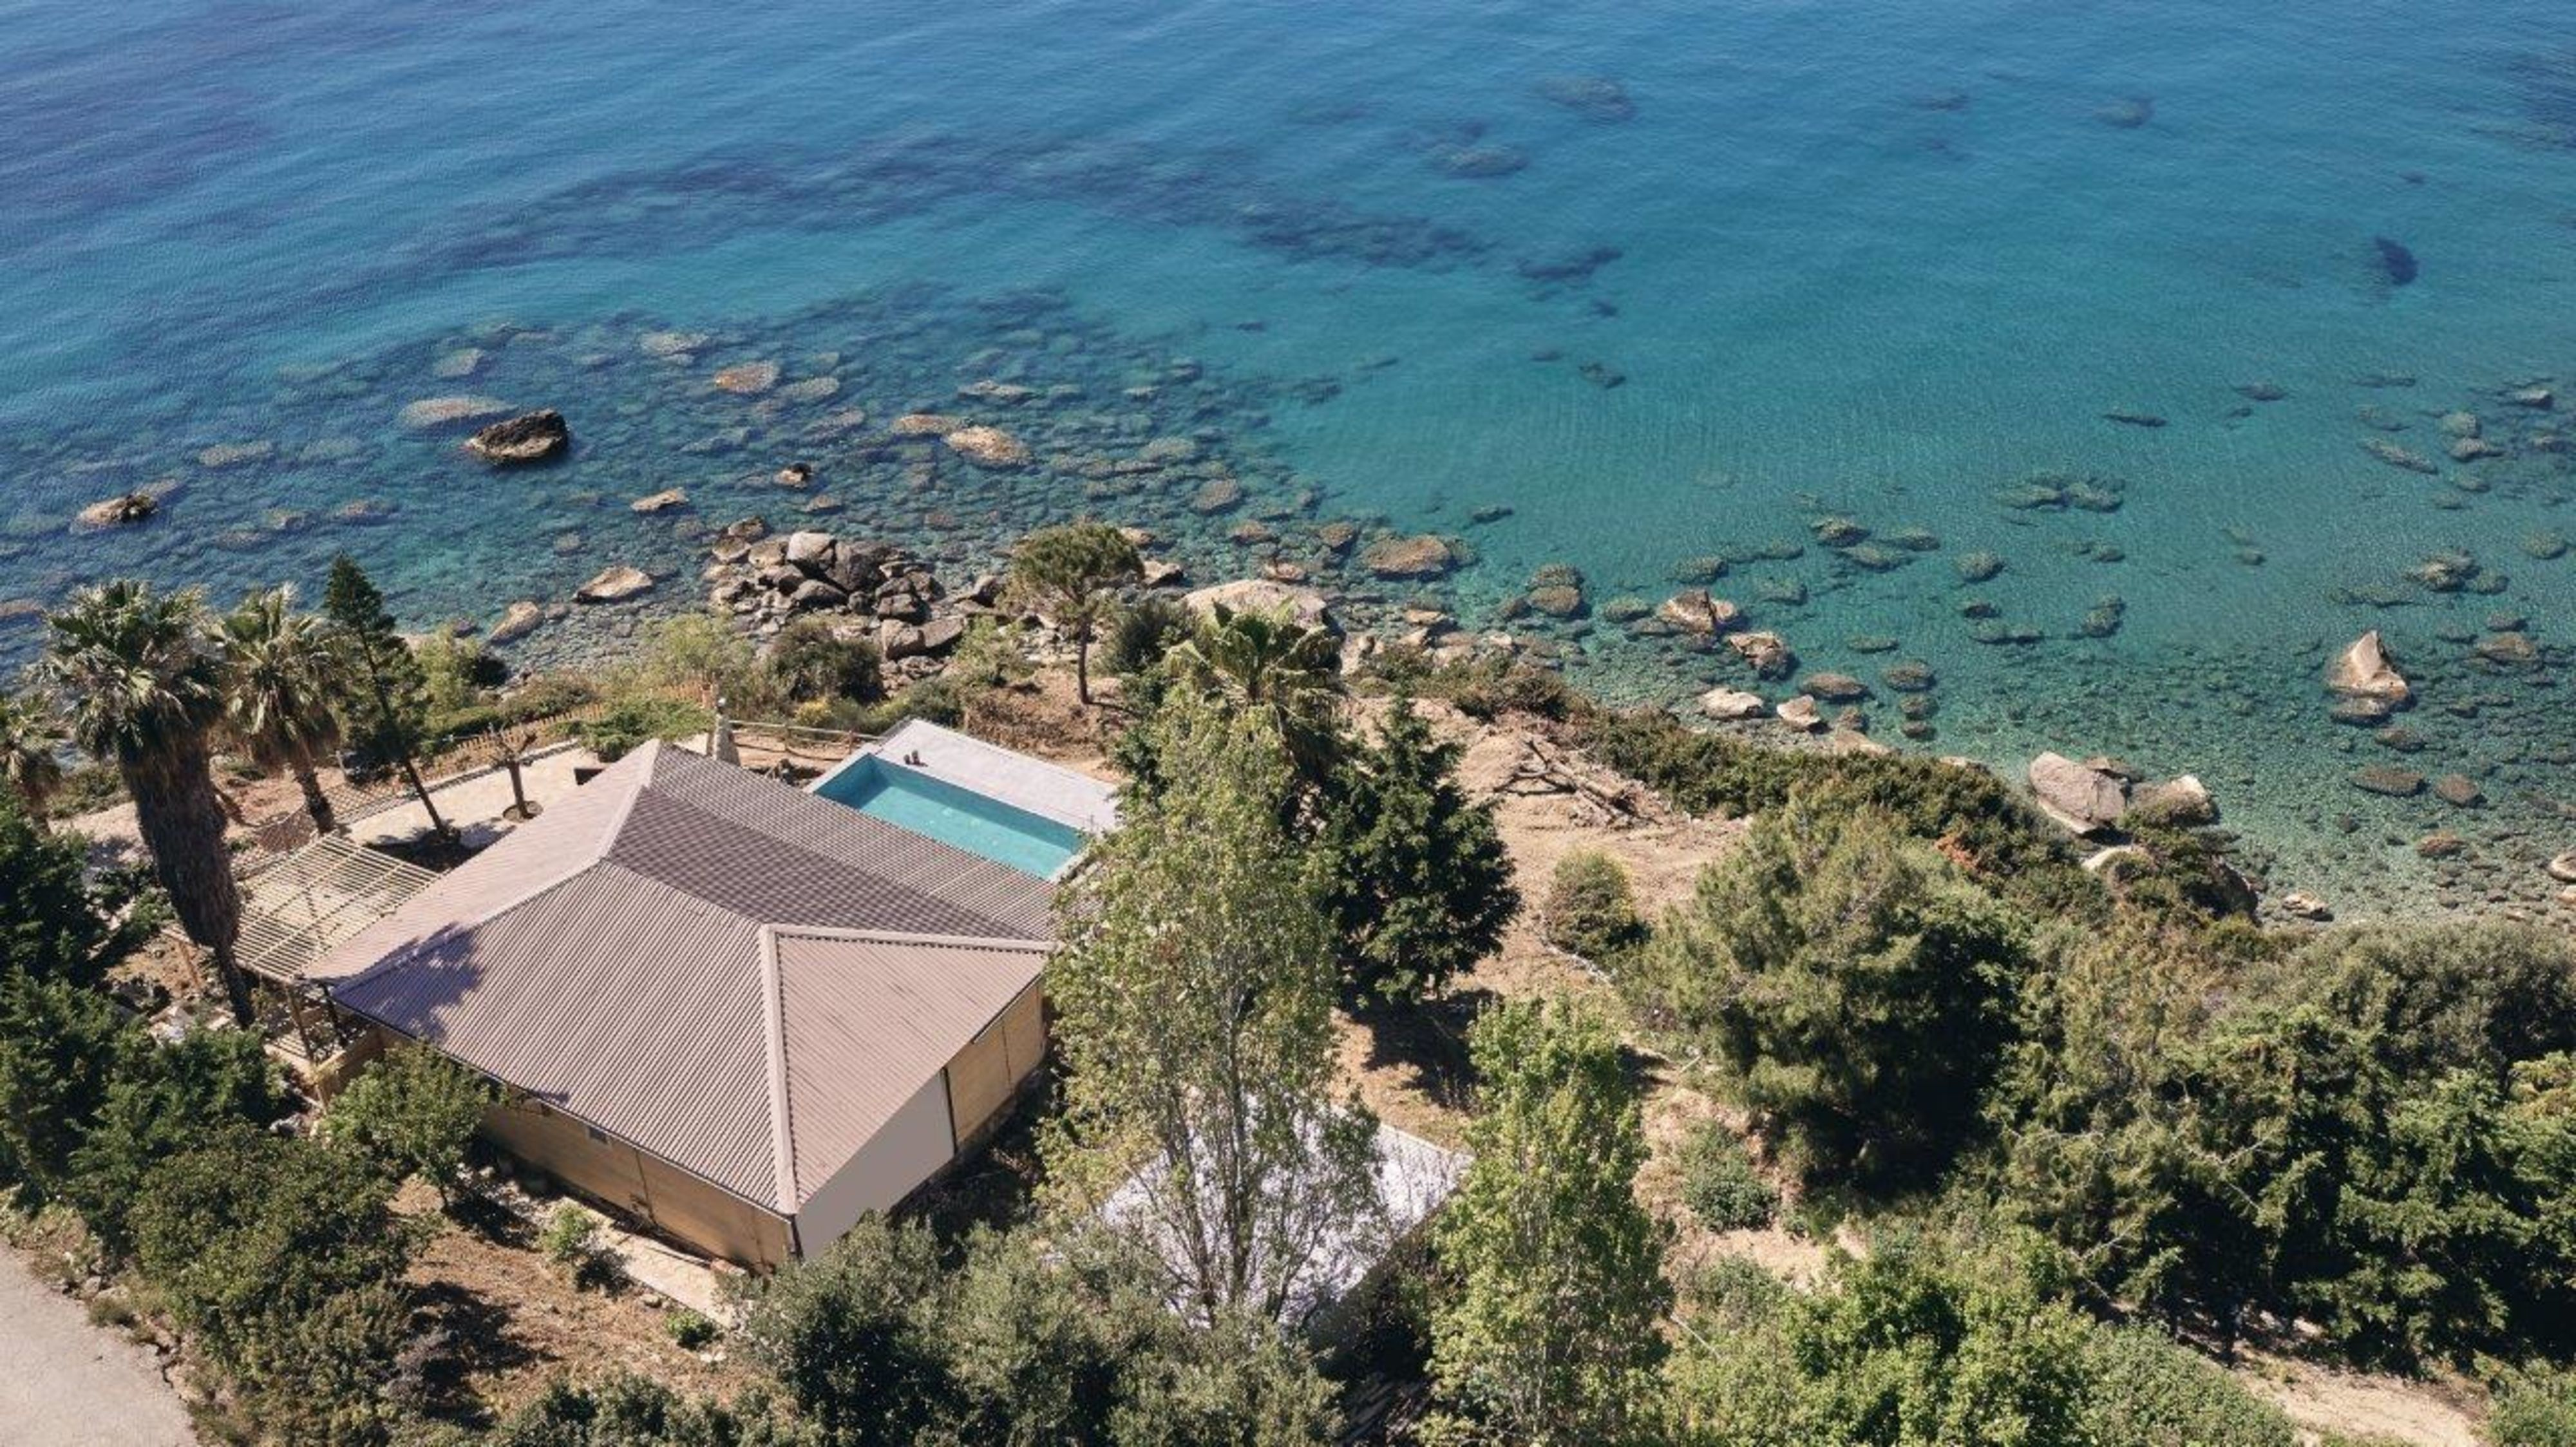 Uitzicht over zee eliza was here